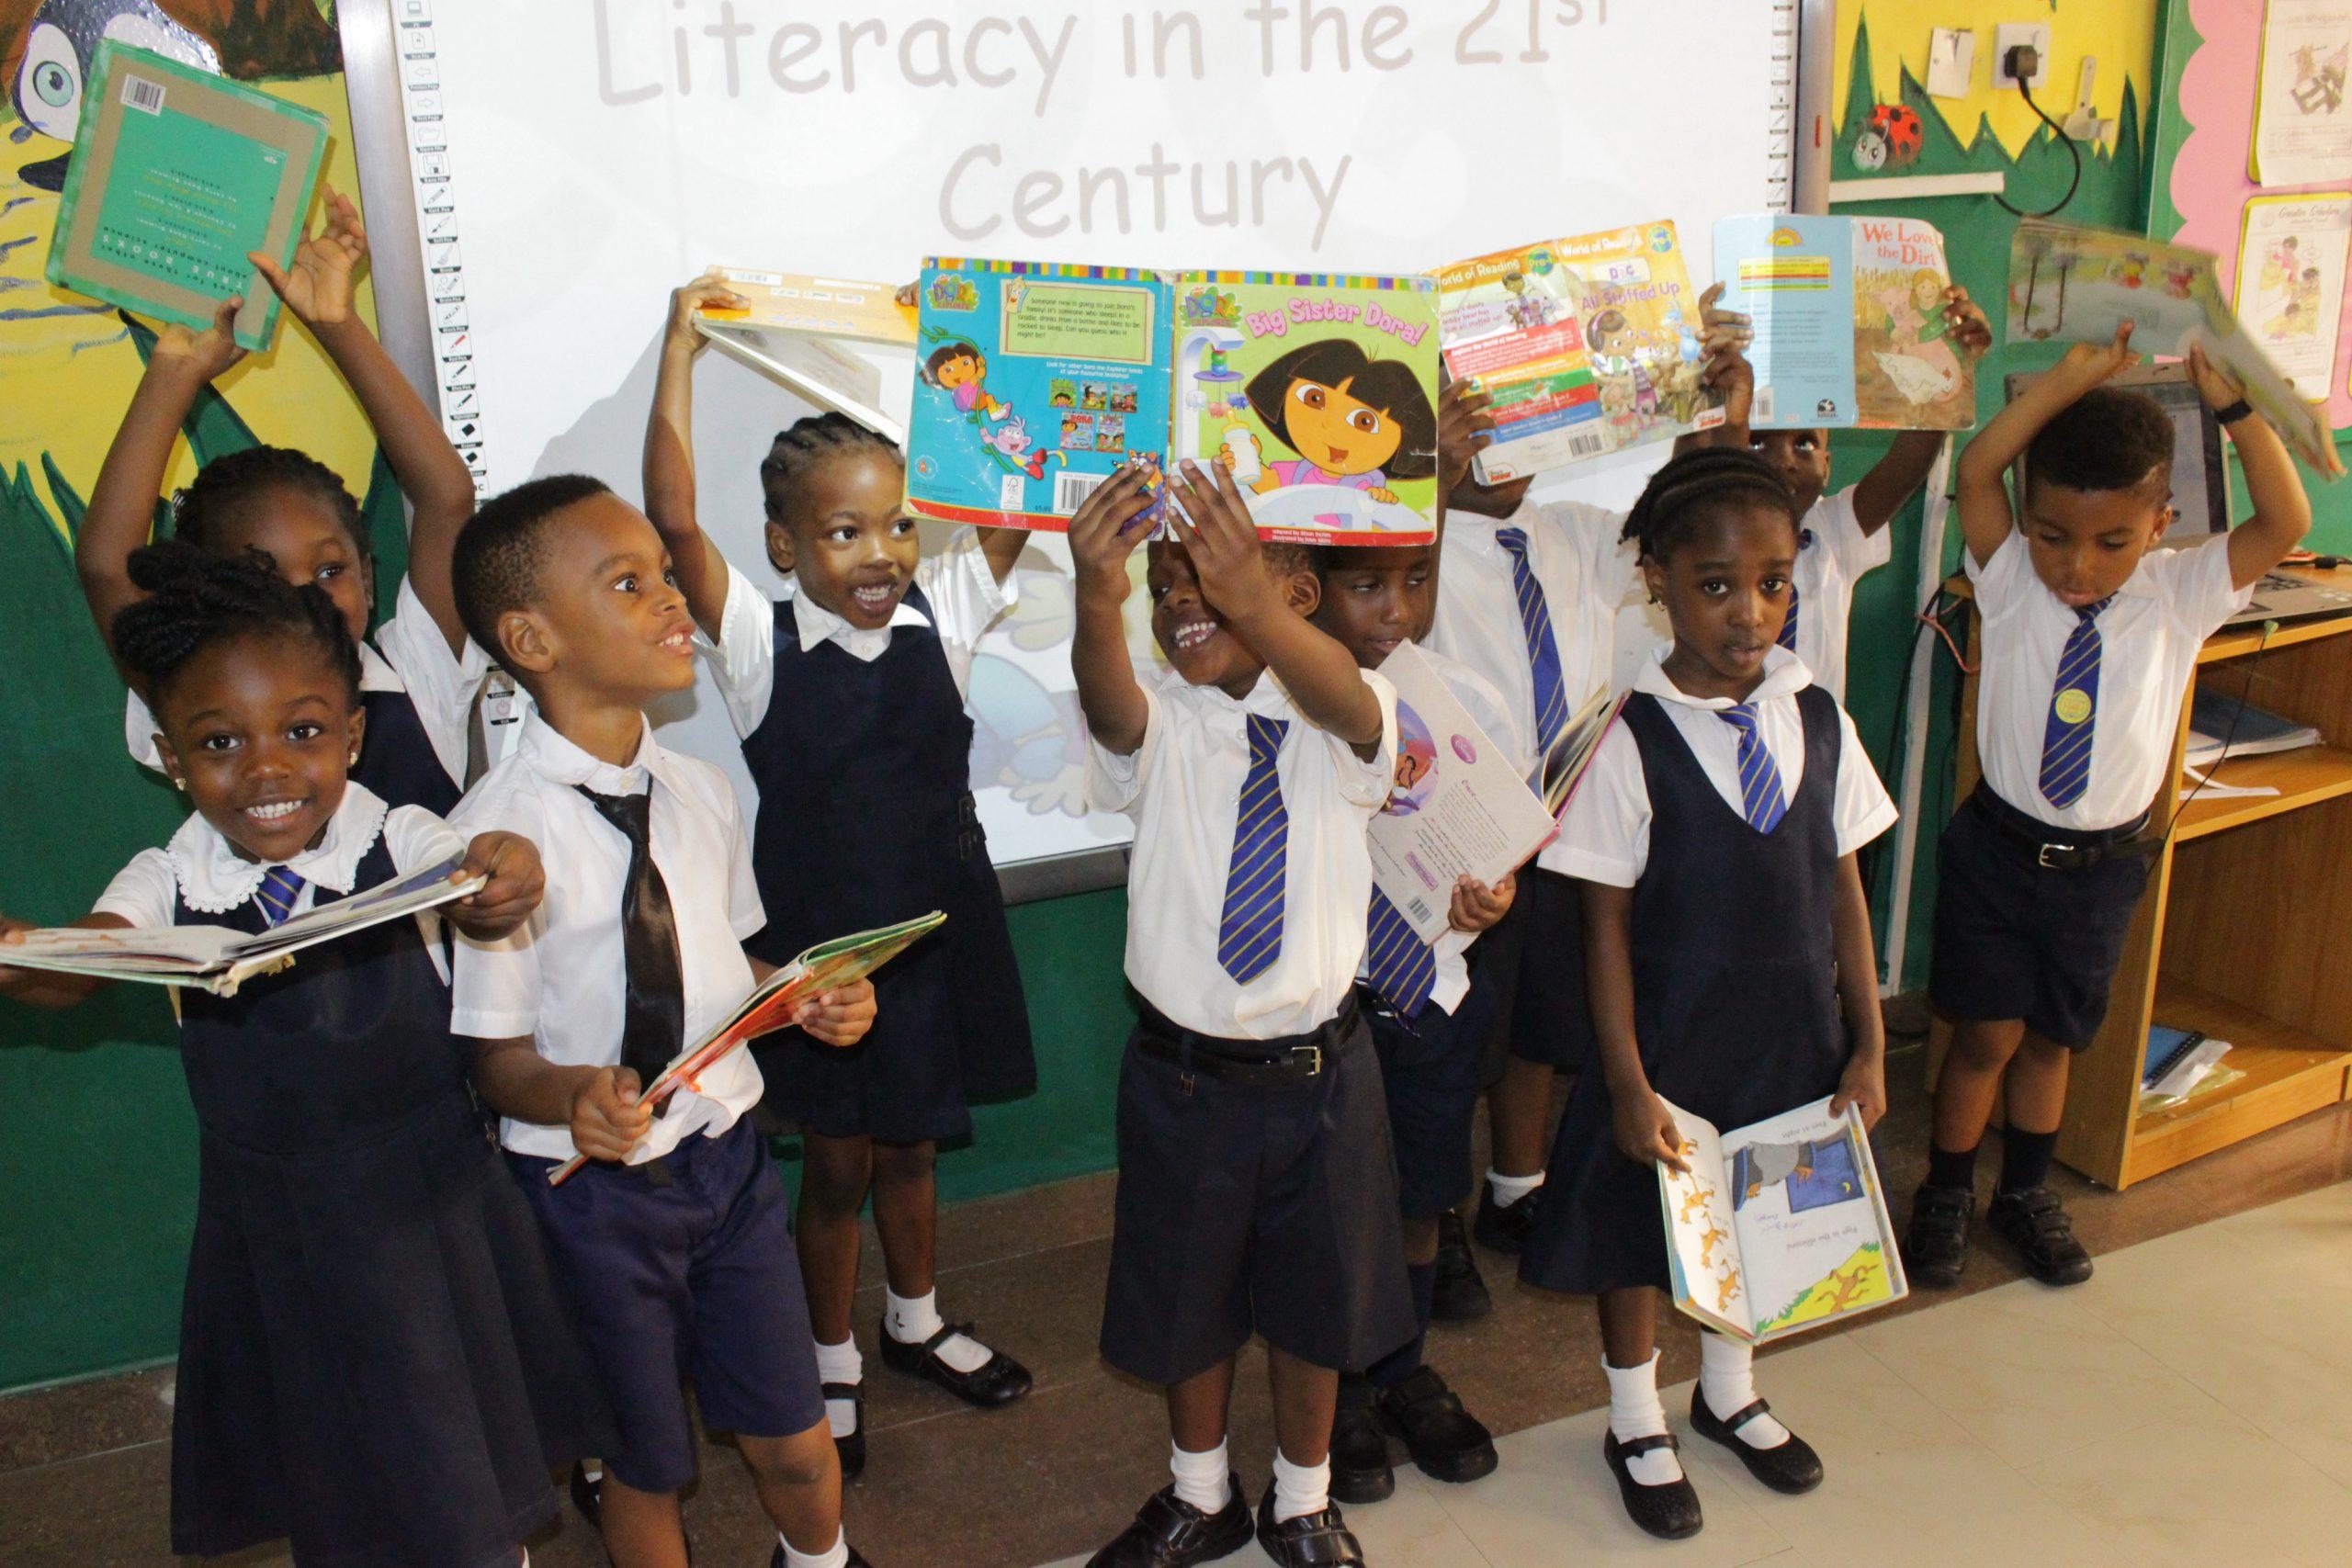 Children with books_5 ways to nurture creativity in your child